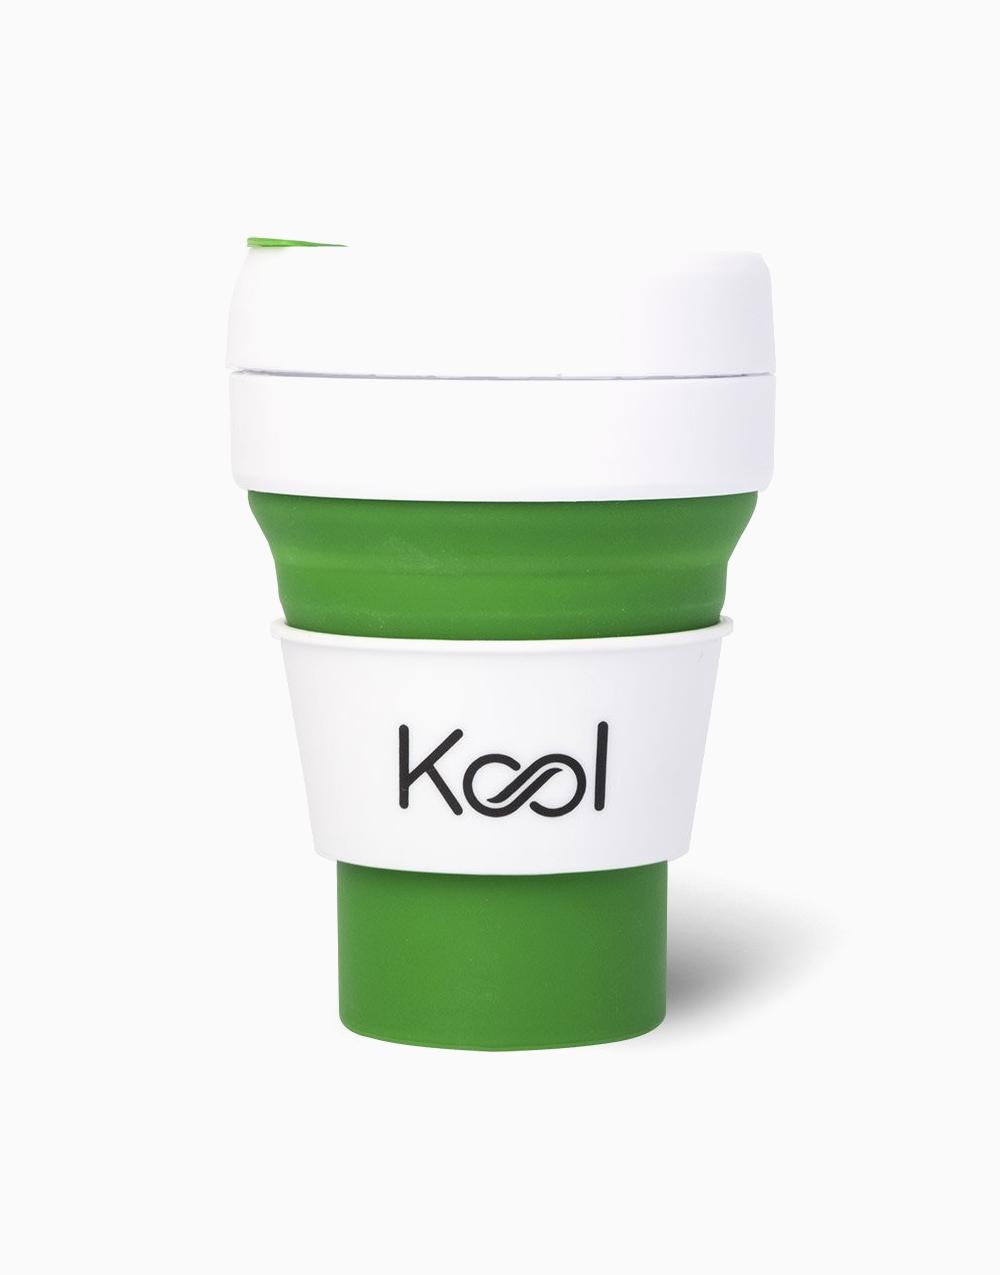 Kool Foldable Cup (355ml) by Kool   Peppermint